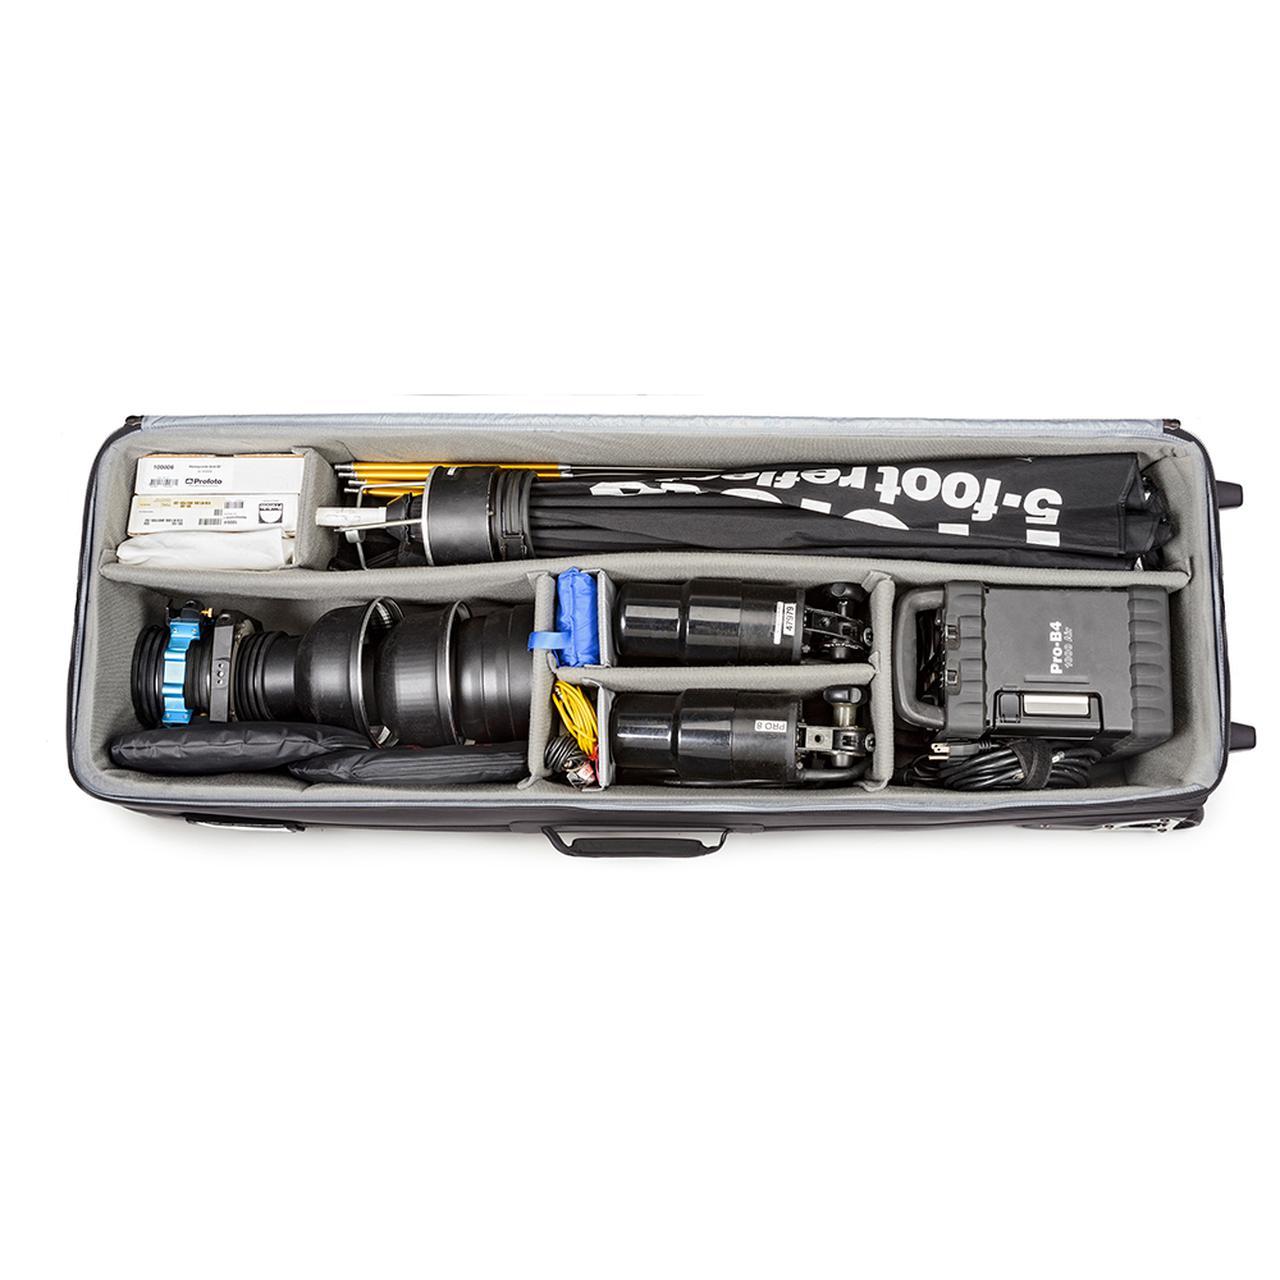 画像4: 銀一はthinkTANKphoto新製品「V2.0 Rolling Cases」を 3月5日より発売!